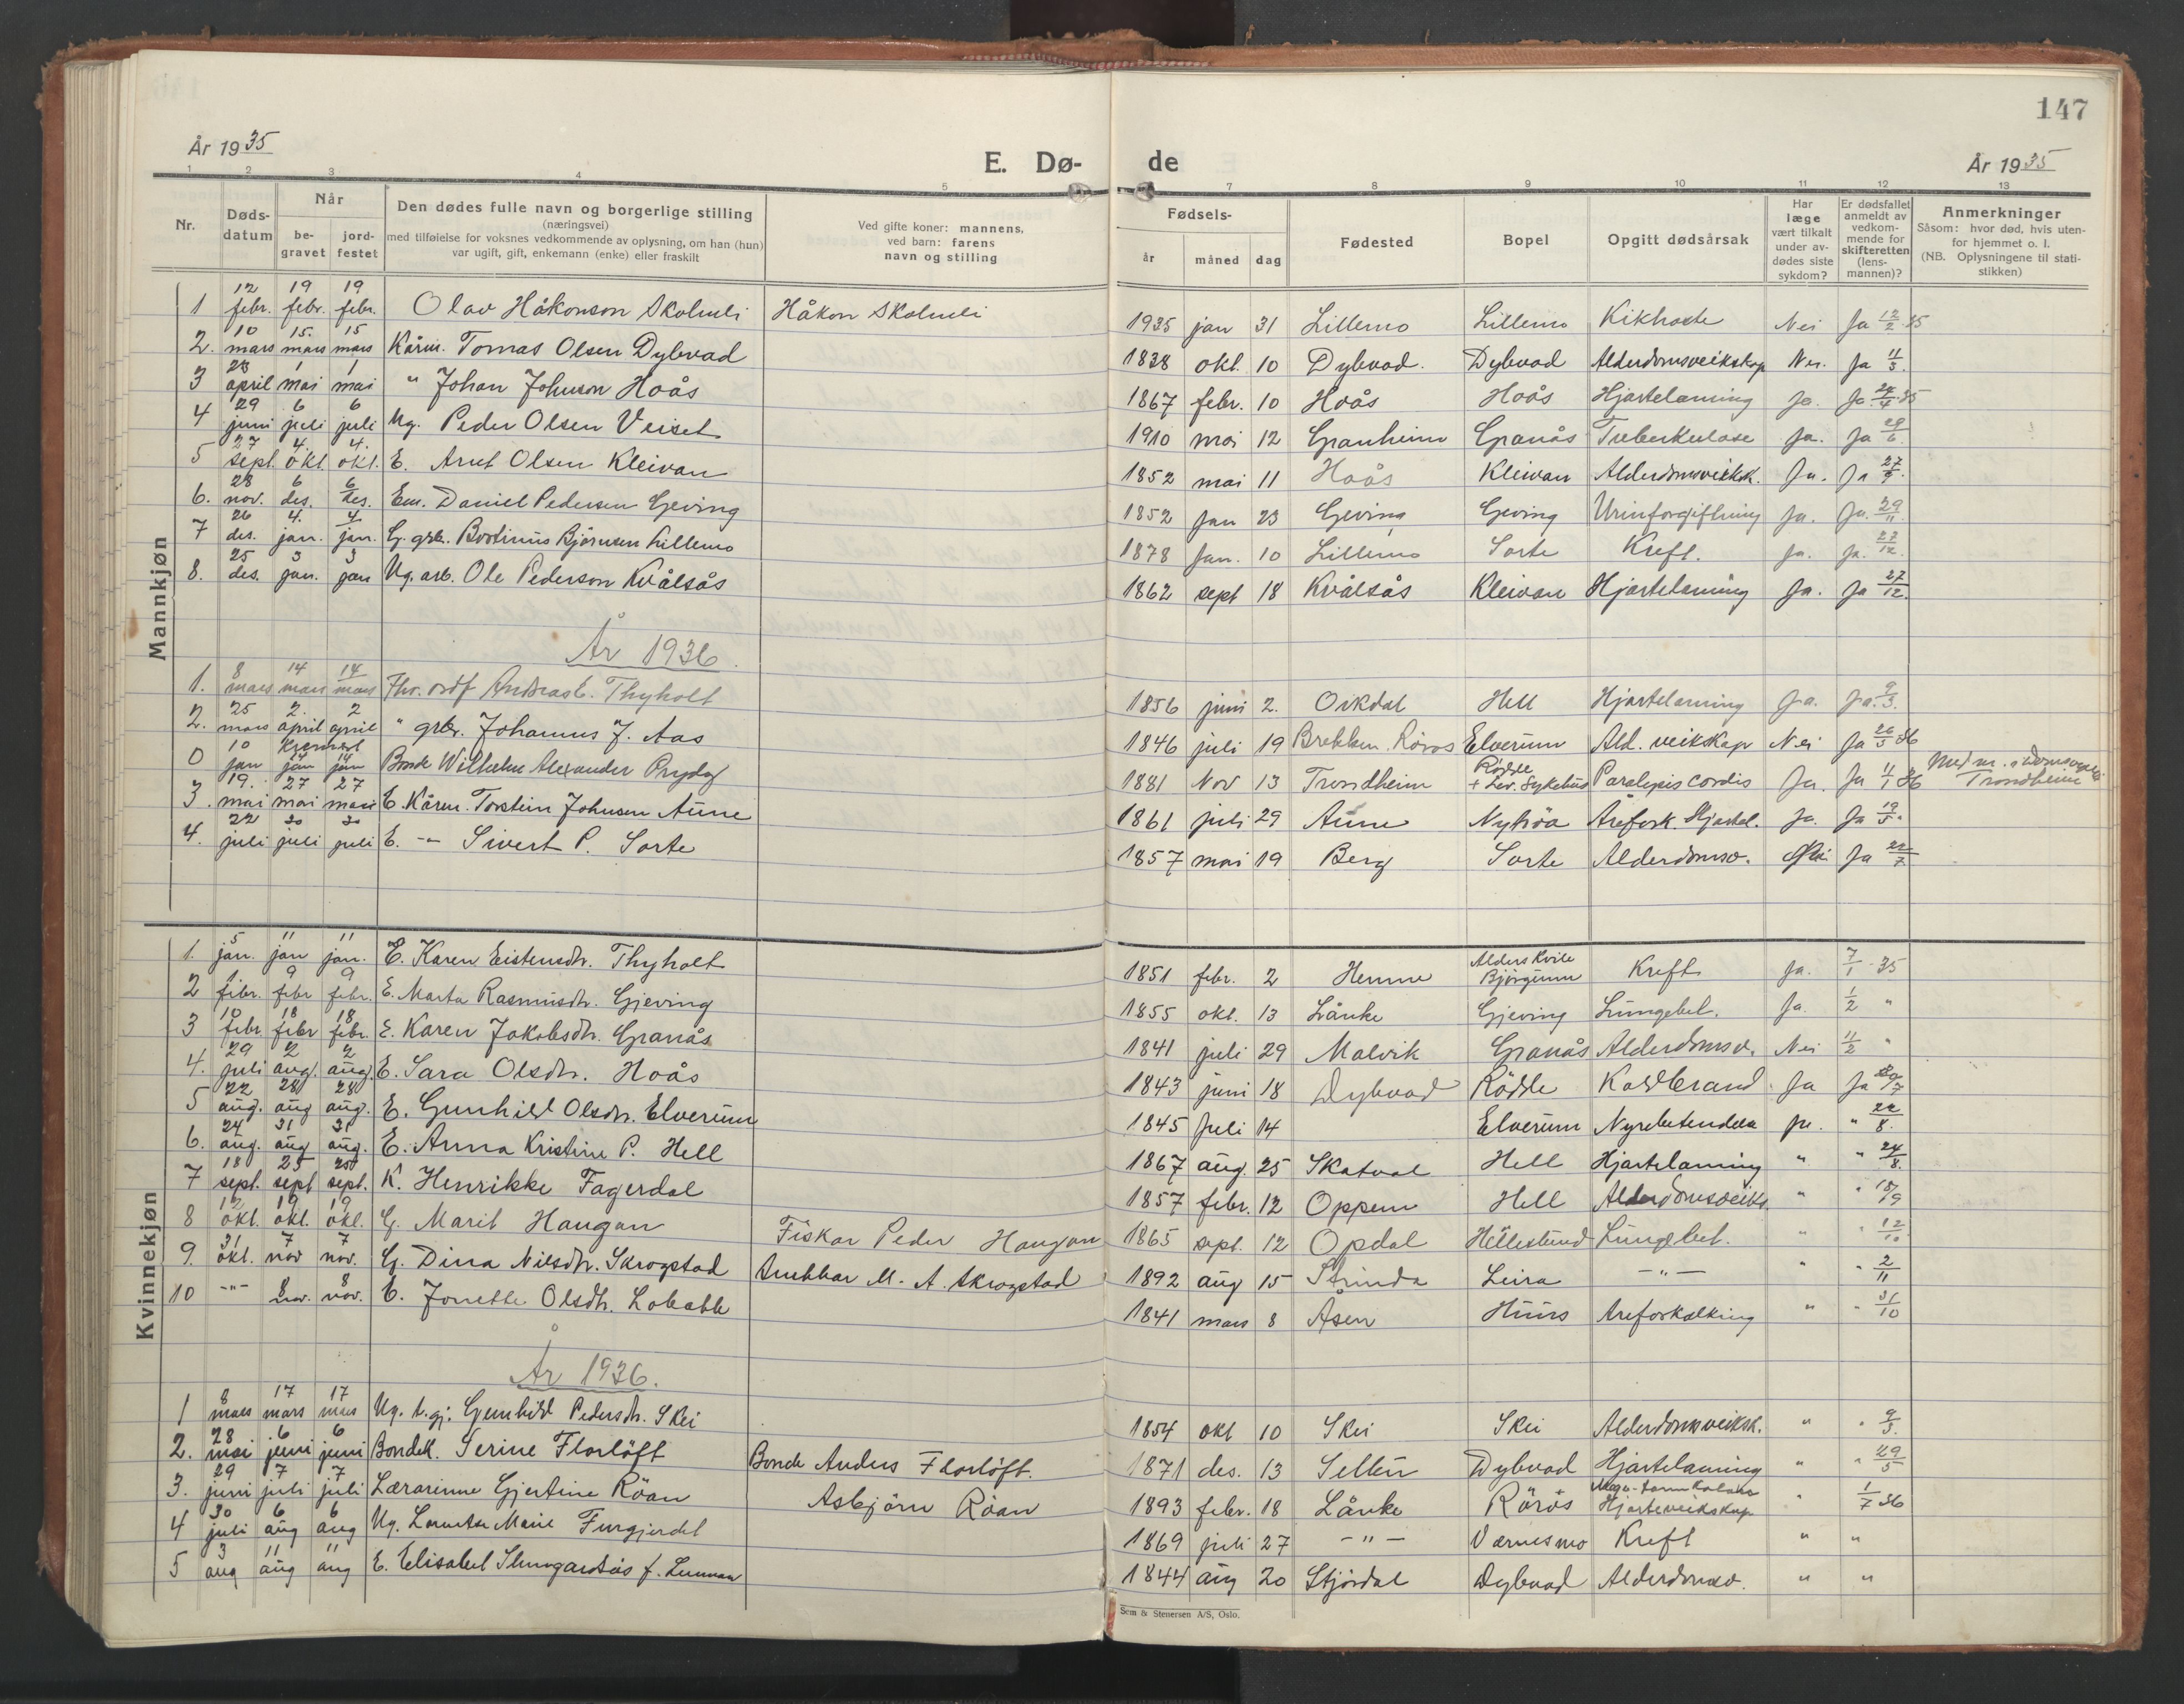 SAT, Ministerialprotokoller, klokkerbøker og fødselsregistre - Nord-Trøndelag, 710/L0097: Klokkerbok nr. 710C02, 1925-1955, s. 147